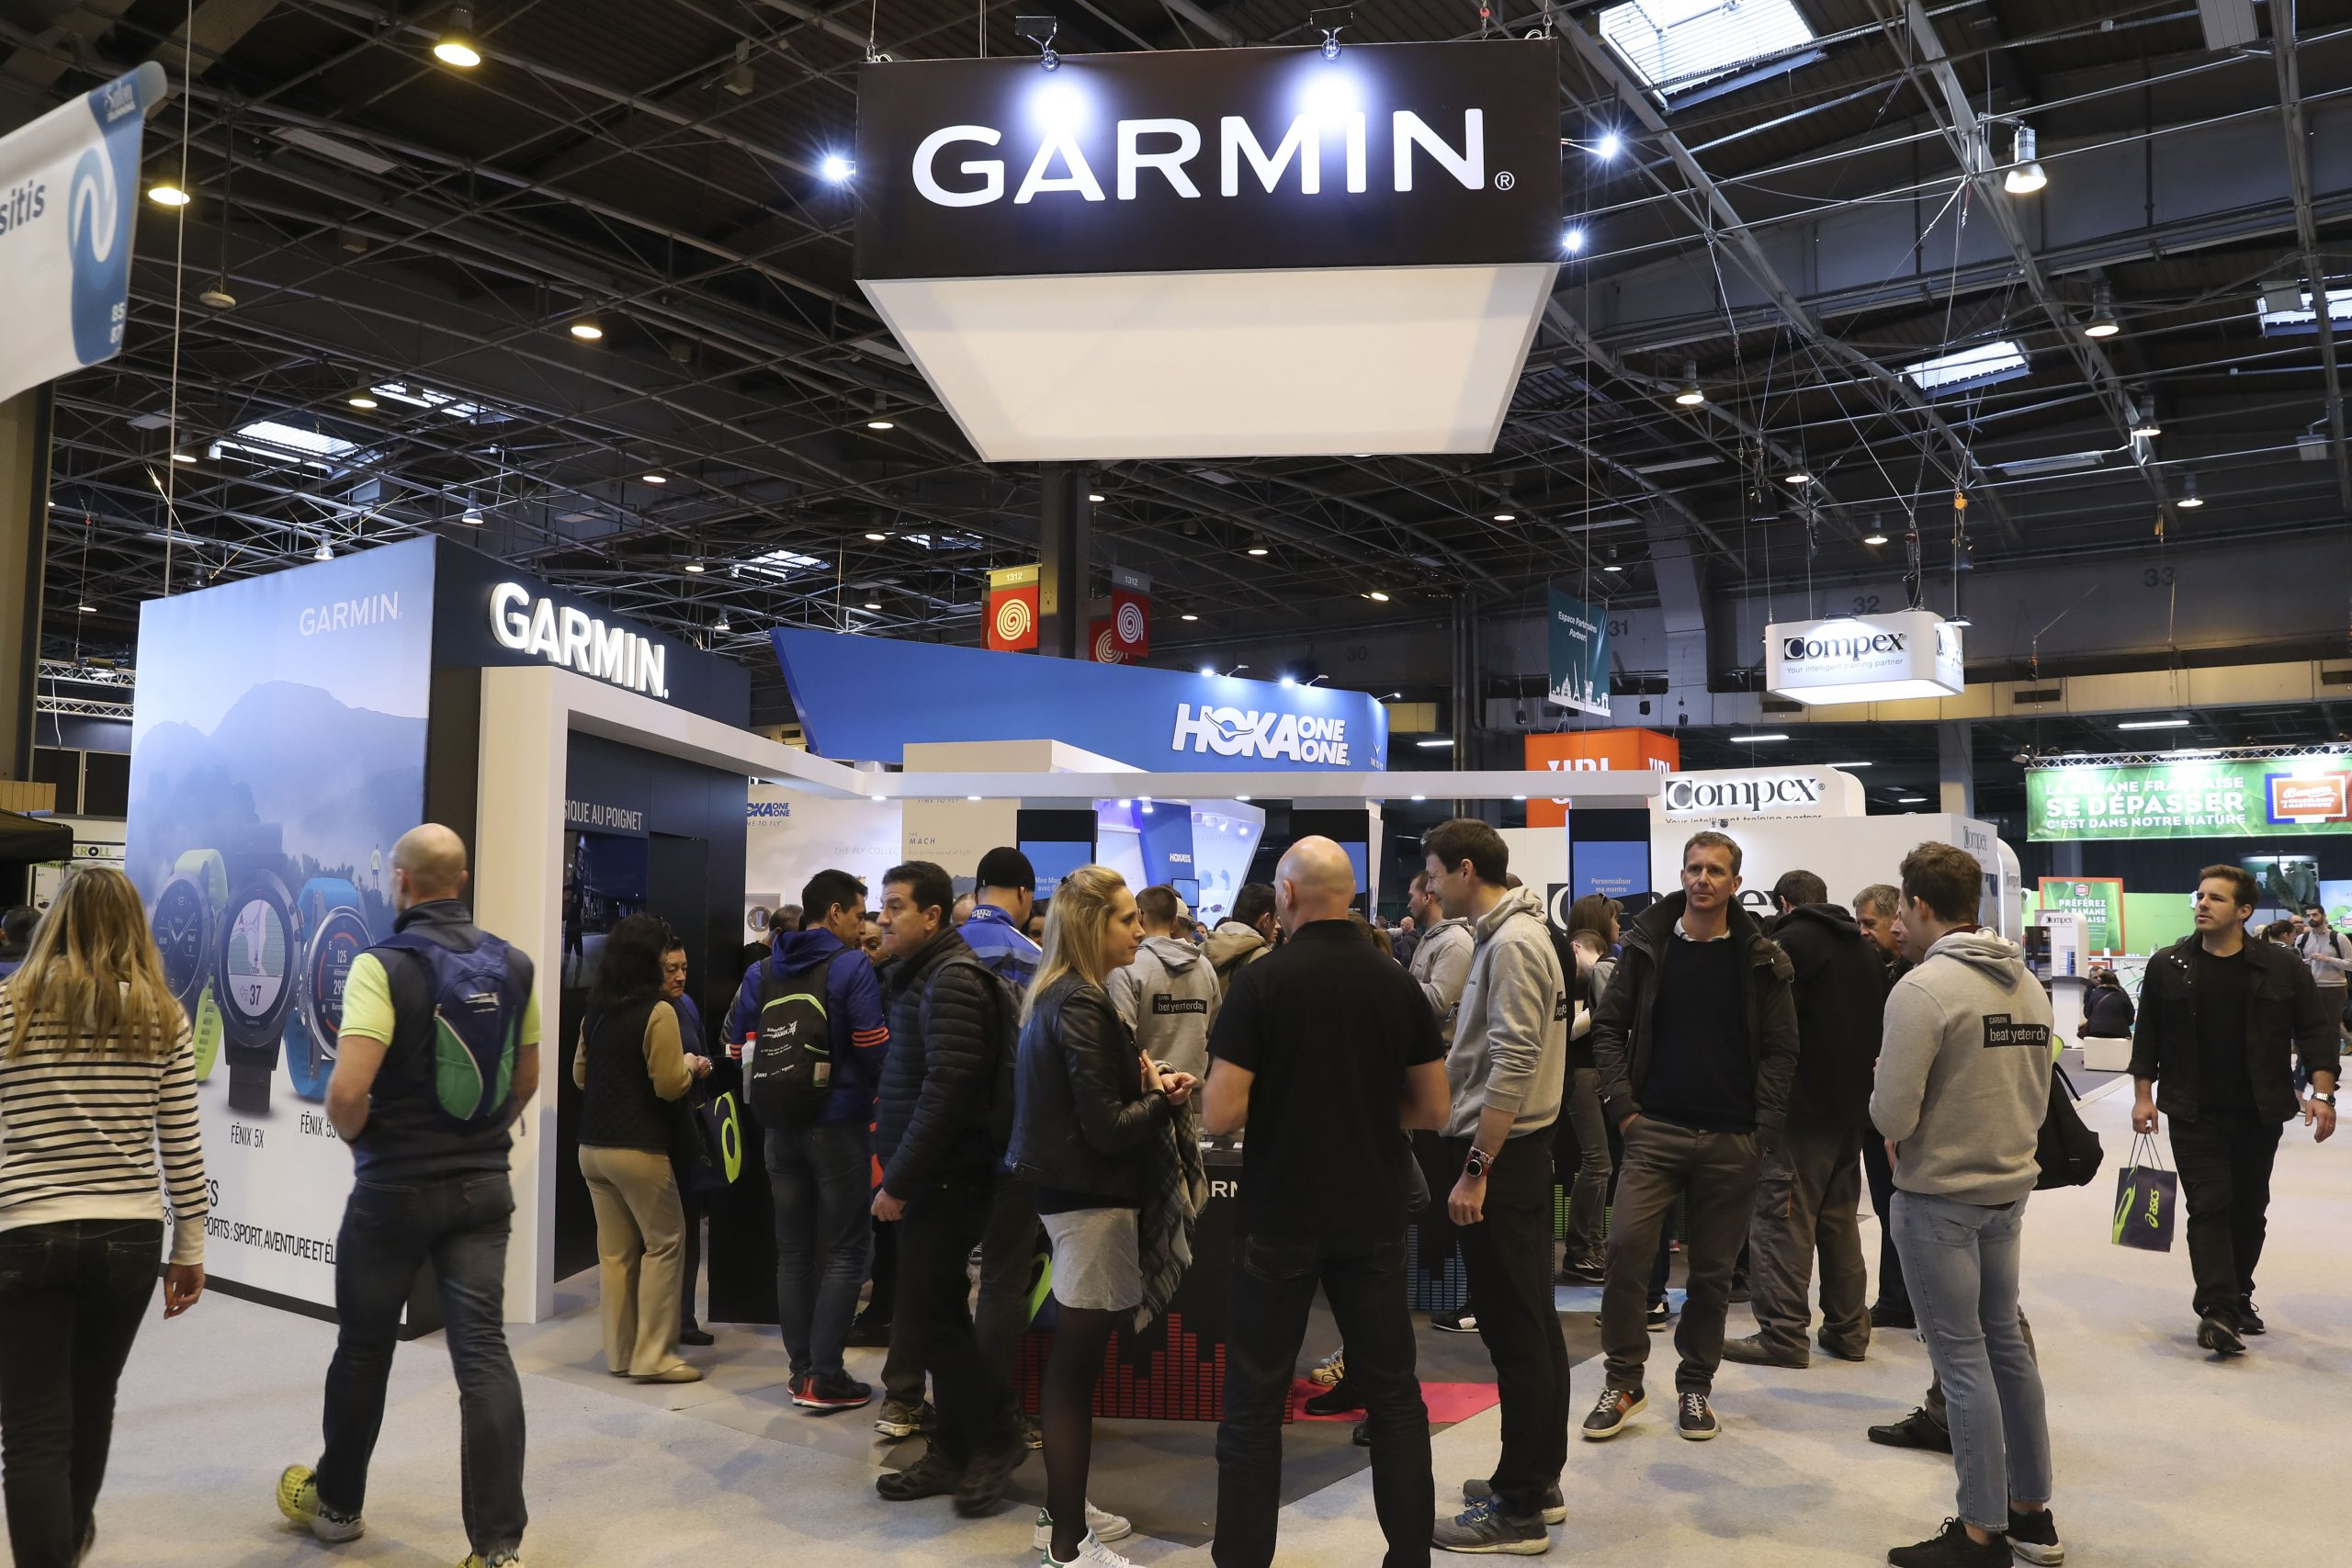 Lo que sabemos sobre el supuesto pirateo masivo con ransomware contra Garmin